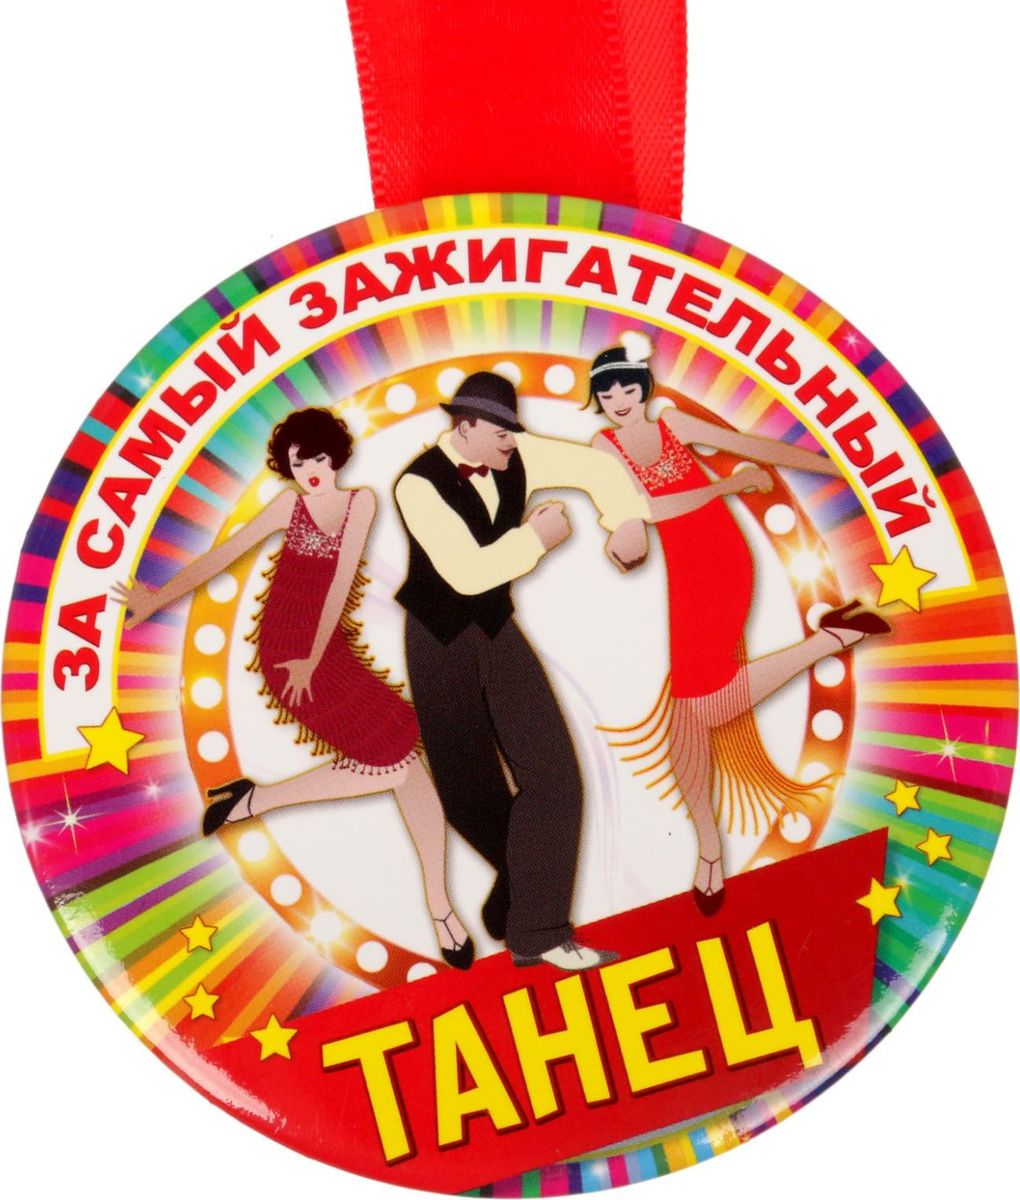 Медаль сувенирная За самый зажигательный танец, диаметр 7,6 см1902547Невозможно представить нашу жизнь без праздников! Мы всегда ждем их и предвкушаем, обдумываем, как проведём памятный день, тщательно выбираем подарки и аксессуары, ведь именно они создают и поддерживают торжественный настрой. Медаль сувенирная За самый зажигательный танец - это отличный выбор, который привнесет атмосферу праздника в ваш дом!